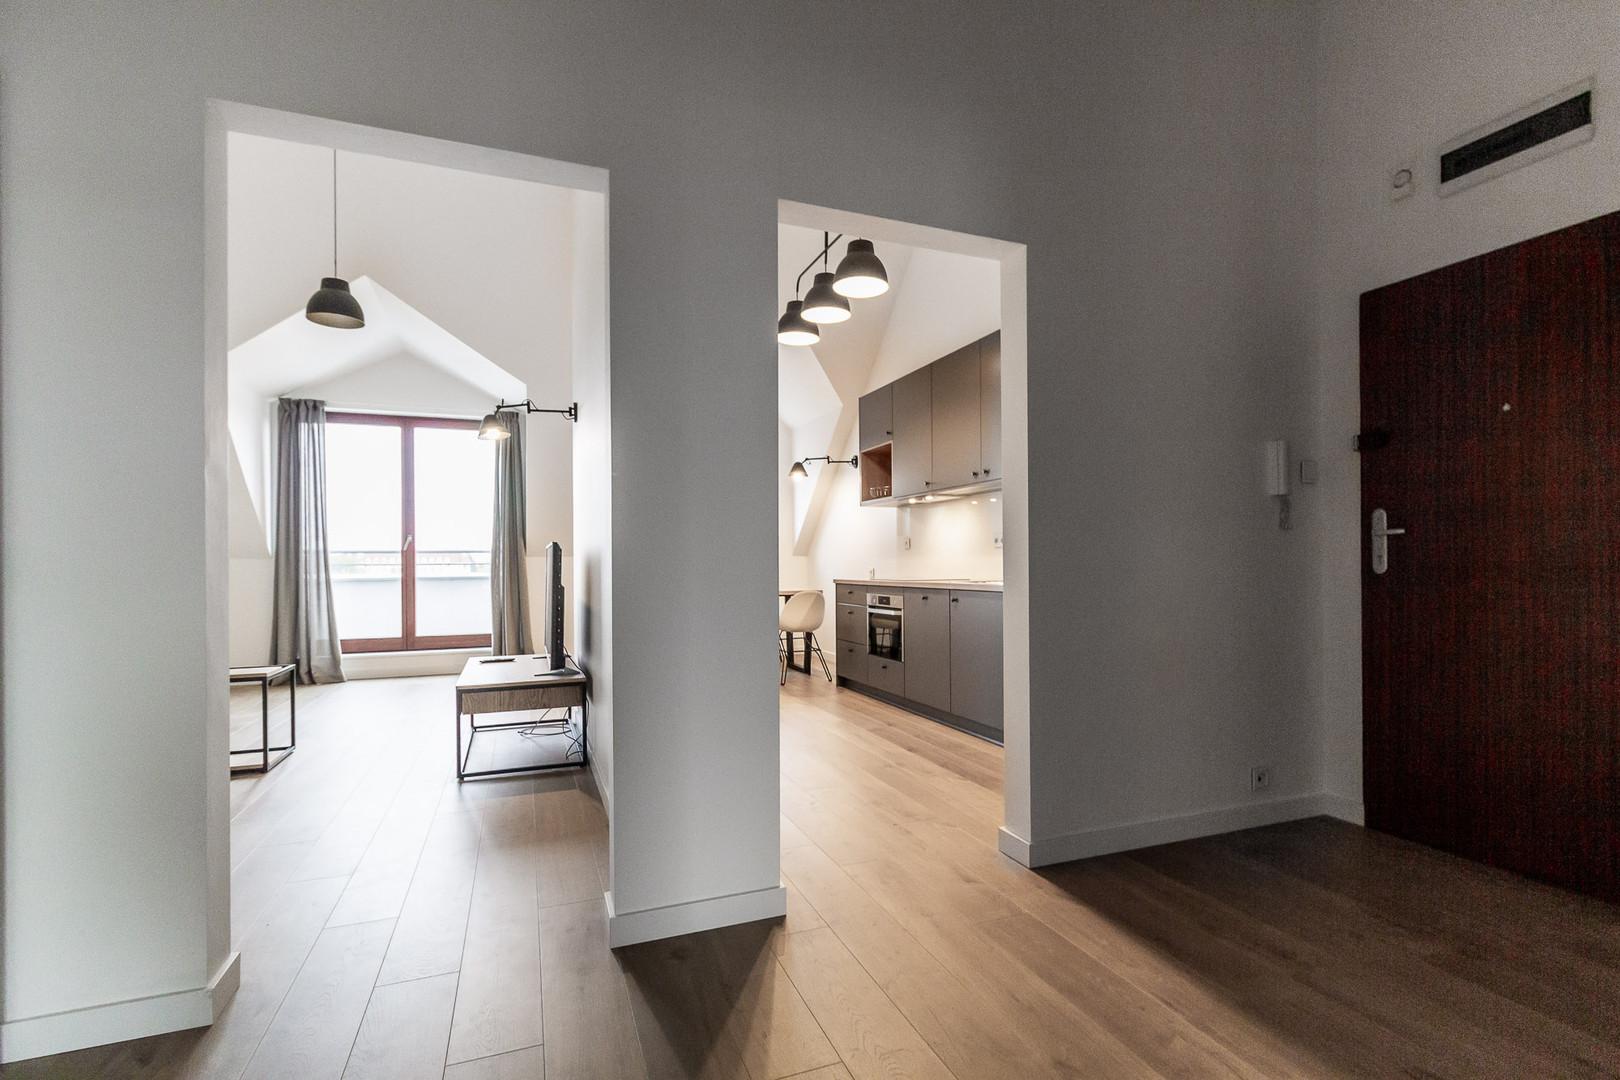 Poznan Szyperska Apartments-12.jpg